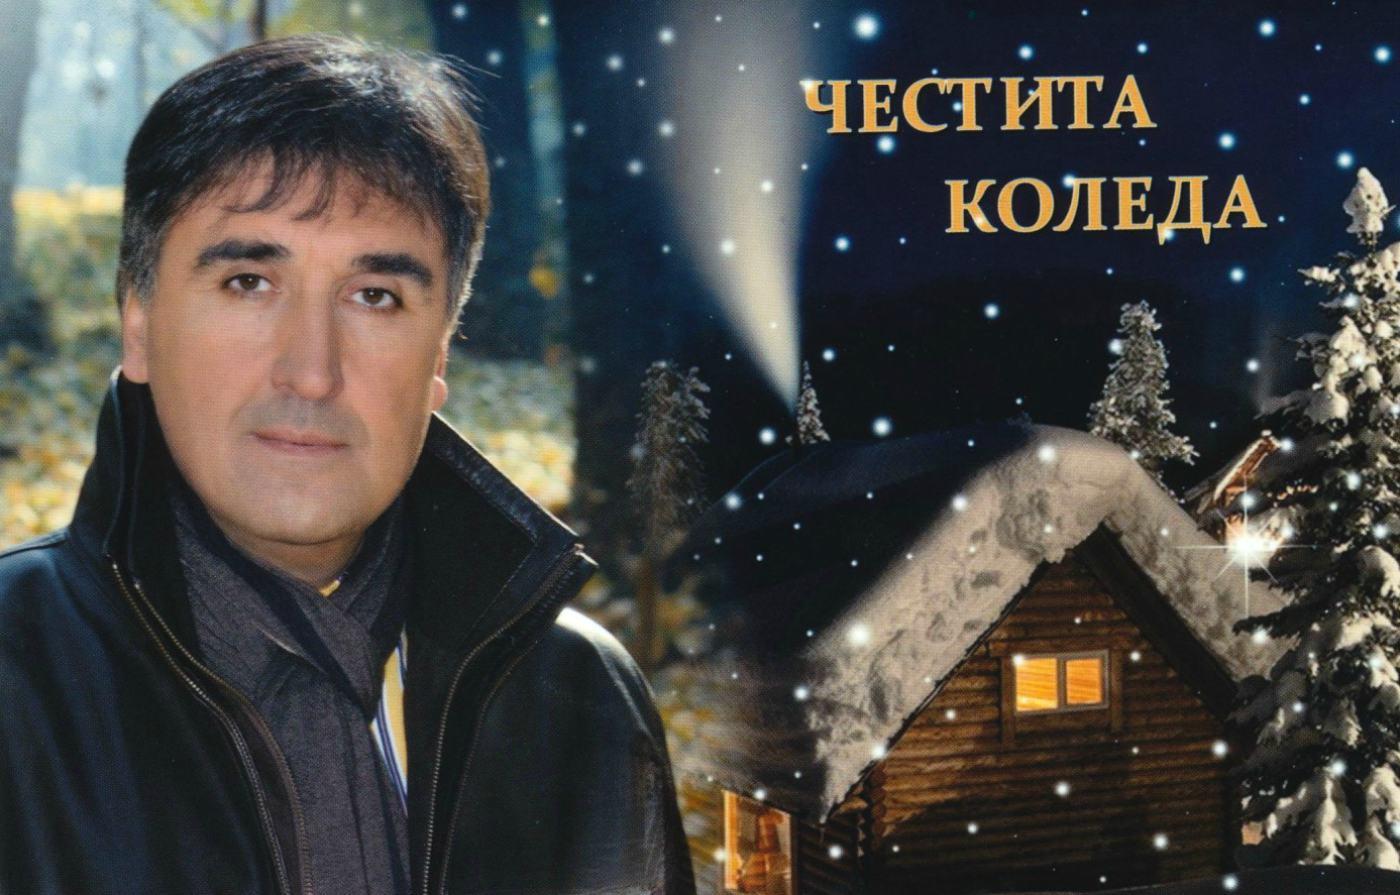 Коледа е любимия празник на Веселин Маринов